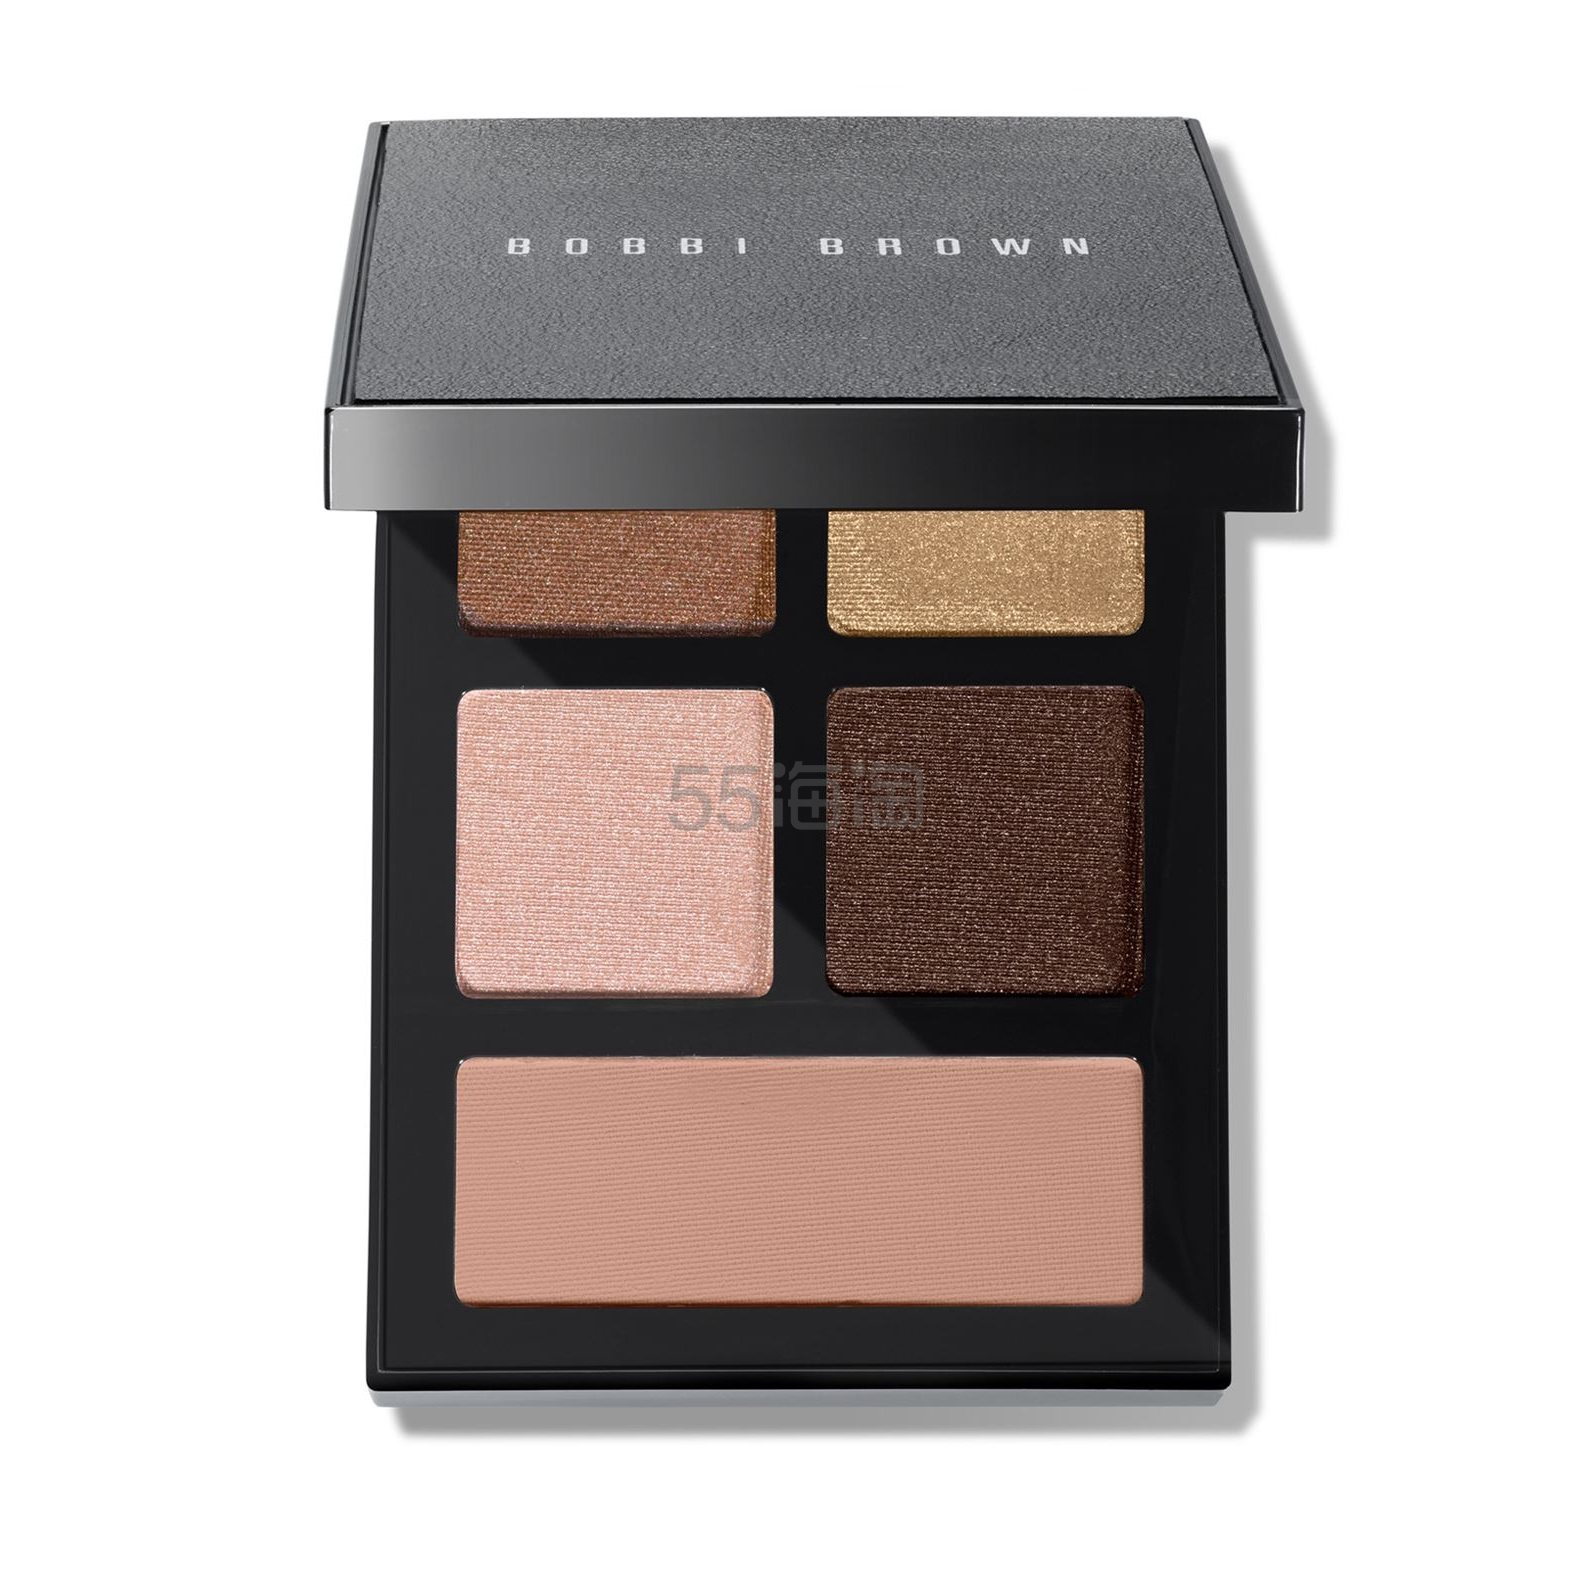 新品!Bobbi Brown The Essential Multicolour 5色眼影盘 ¥231.3 - 海淘优惠海淘折扣|55海淘网